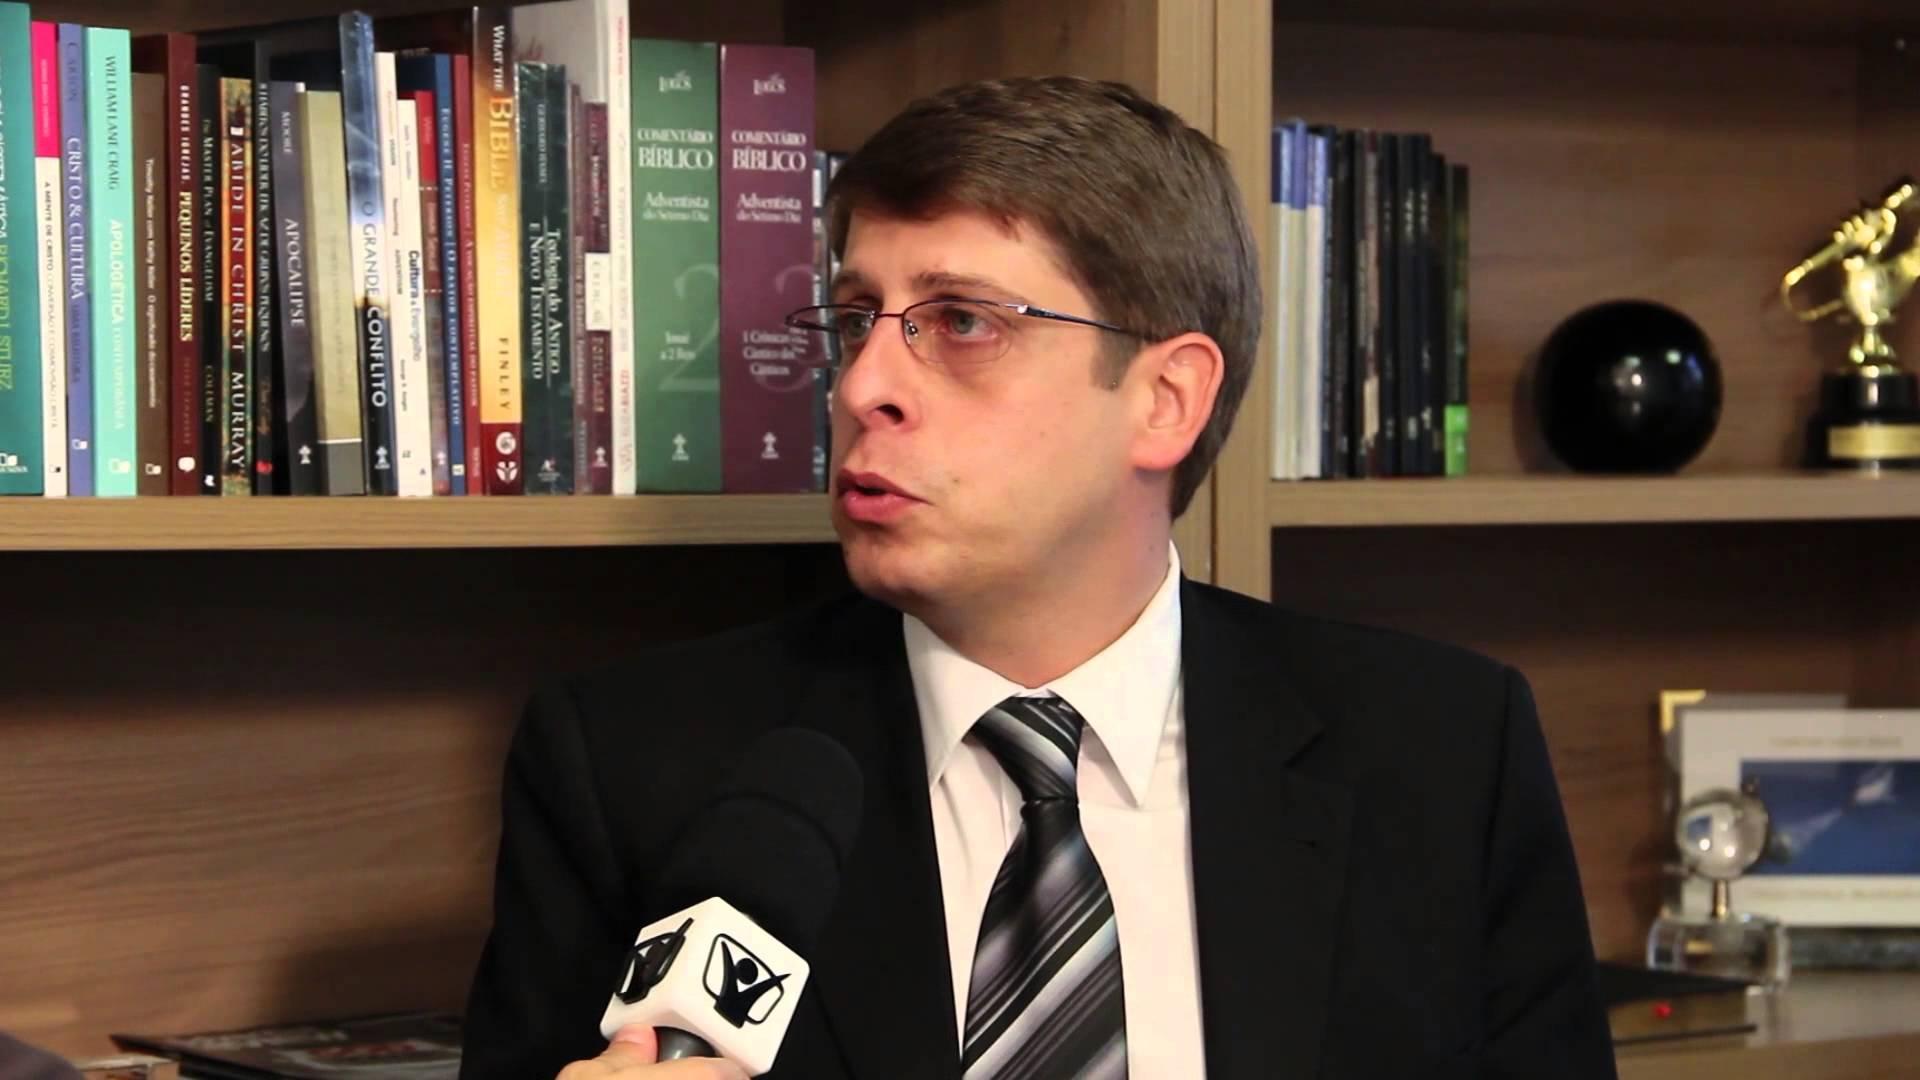 Notícias Adventistas – Federação dos Empreendedores Adventistas – Pastor Rafael Rossi